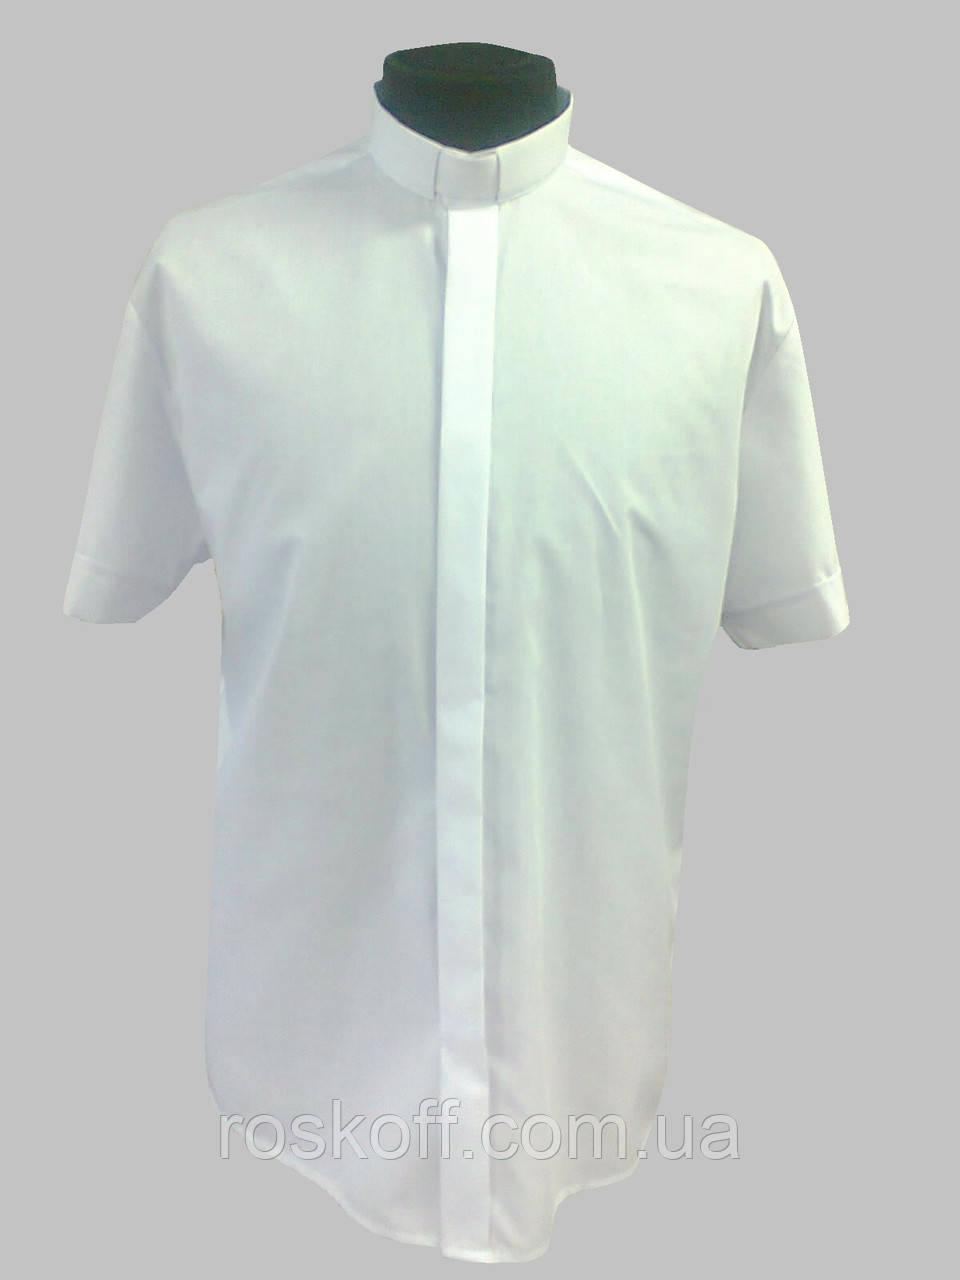 Рубашка для священников  белого цвета с длинным рукавом